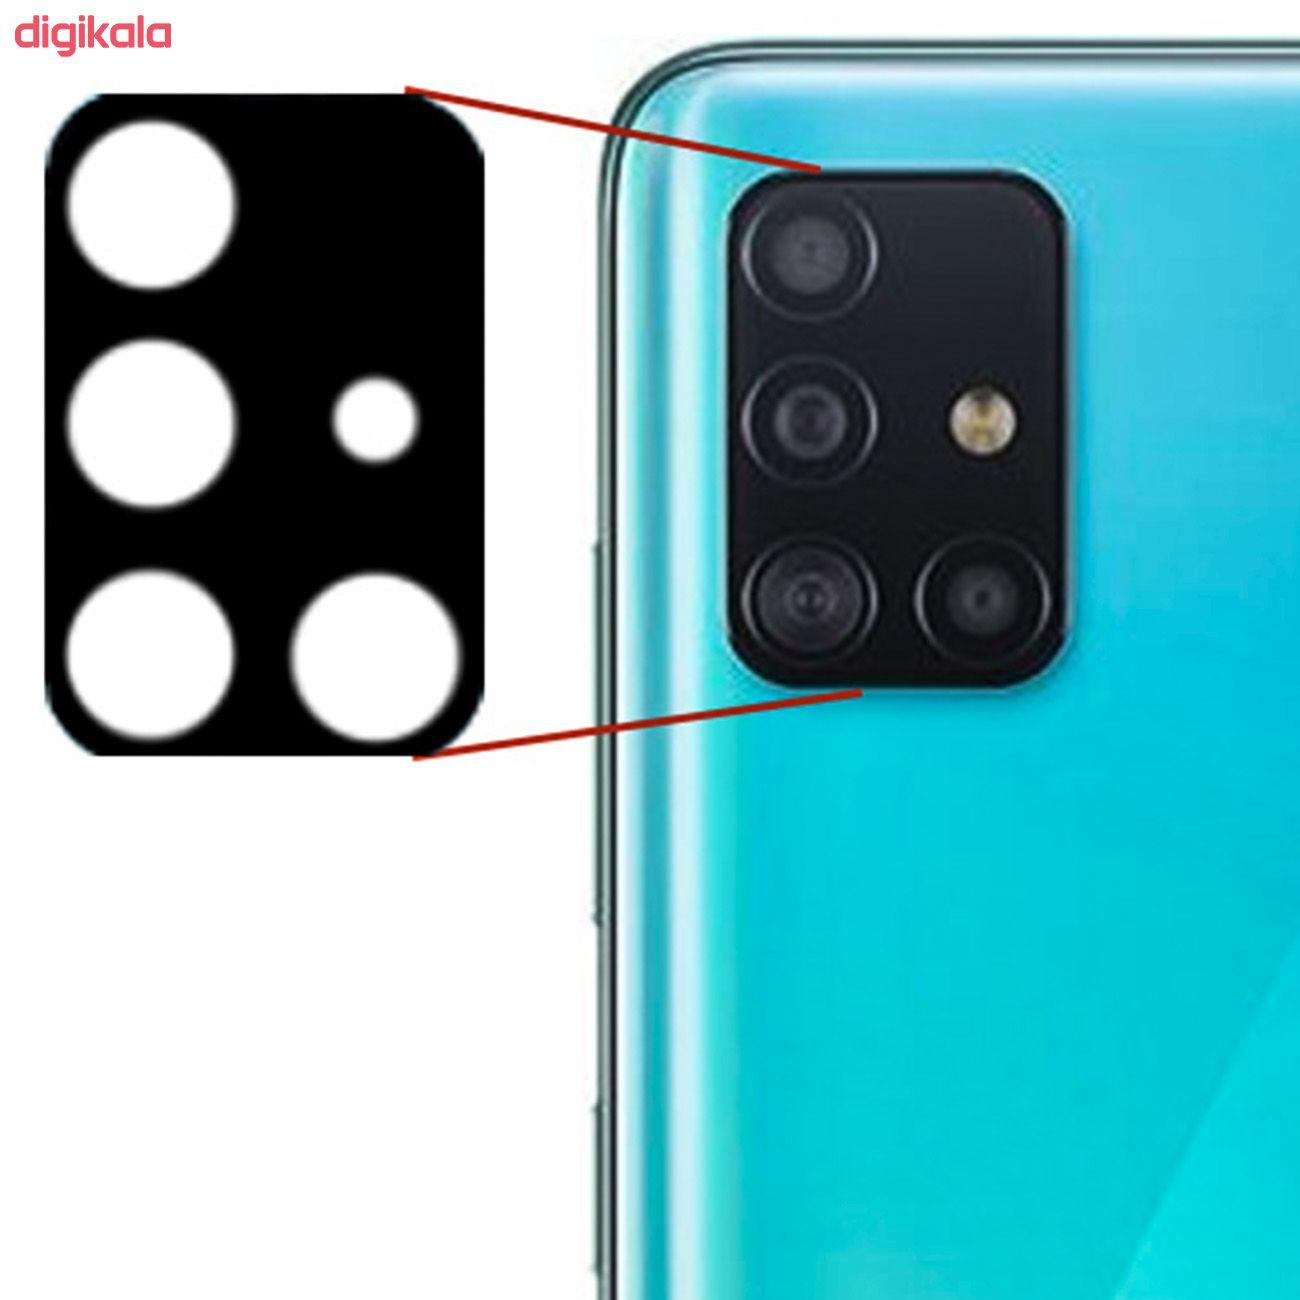 محافظ لنز دوربین مدل Ne-1 مناسب برای گوشی موبایل سامسونگ Galaxy A71 main 1 2